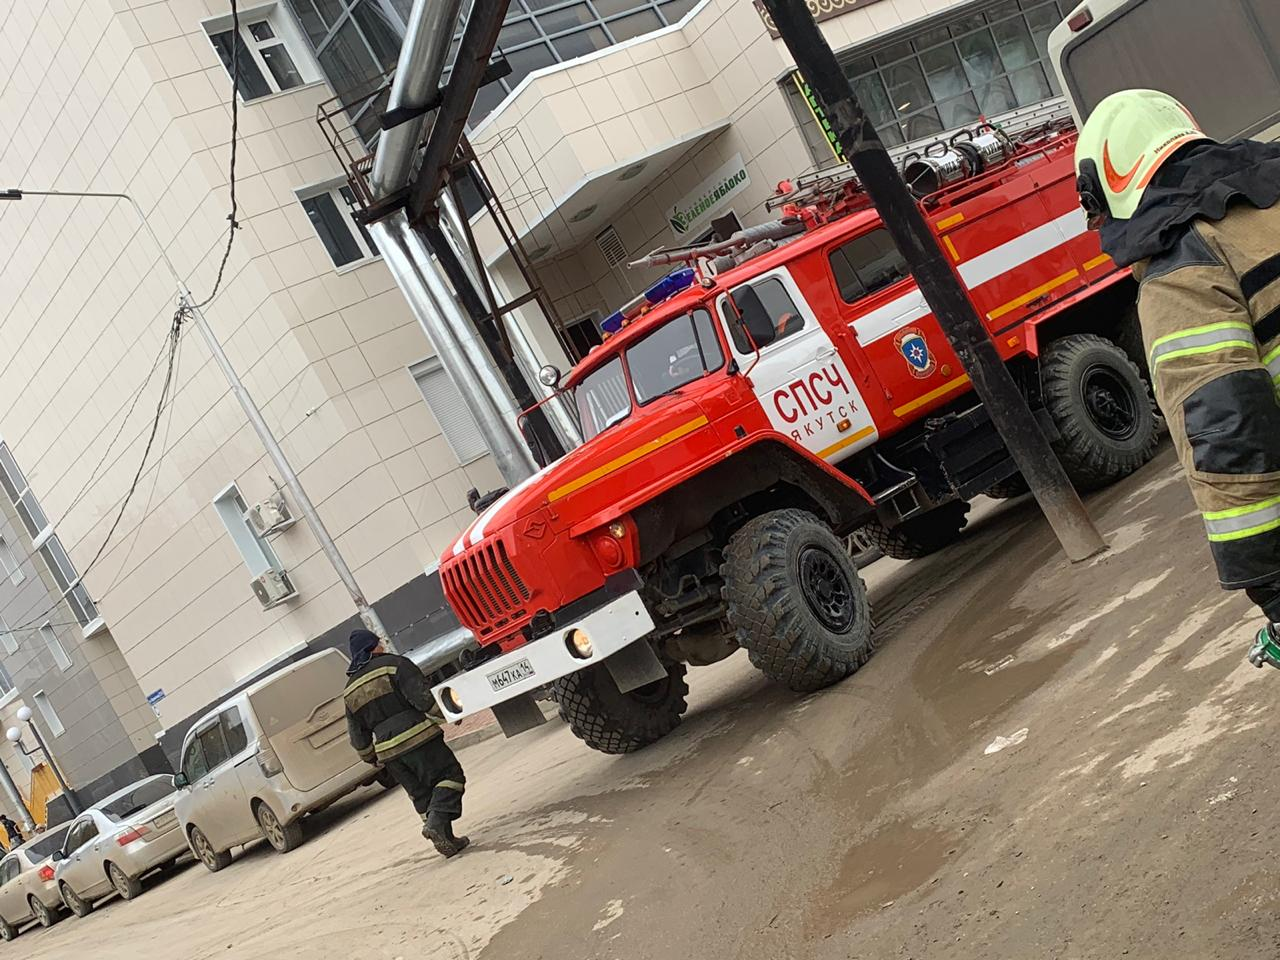 Коррозия и замерзание. В Якутске проверяют пожарные гидранты